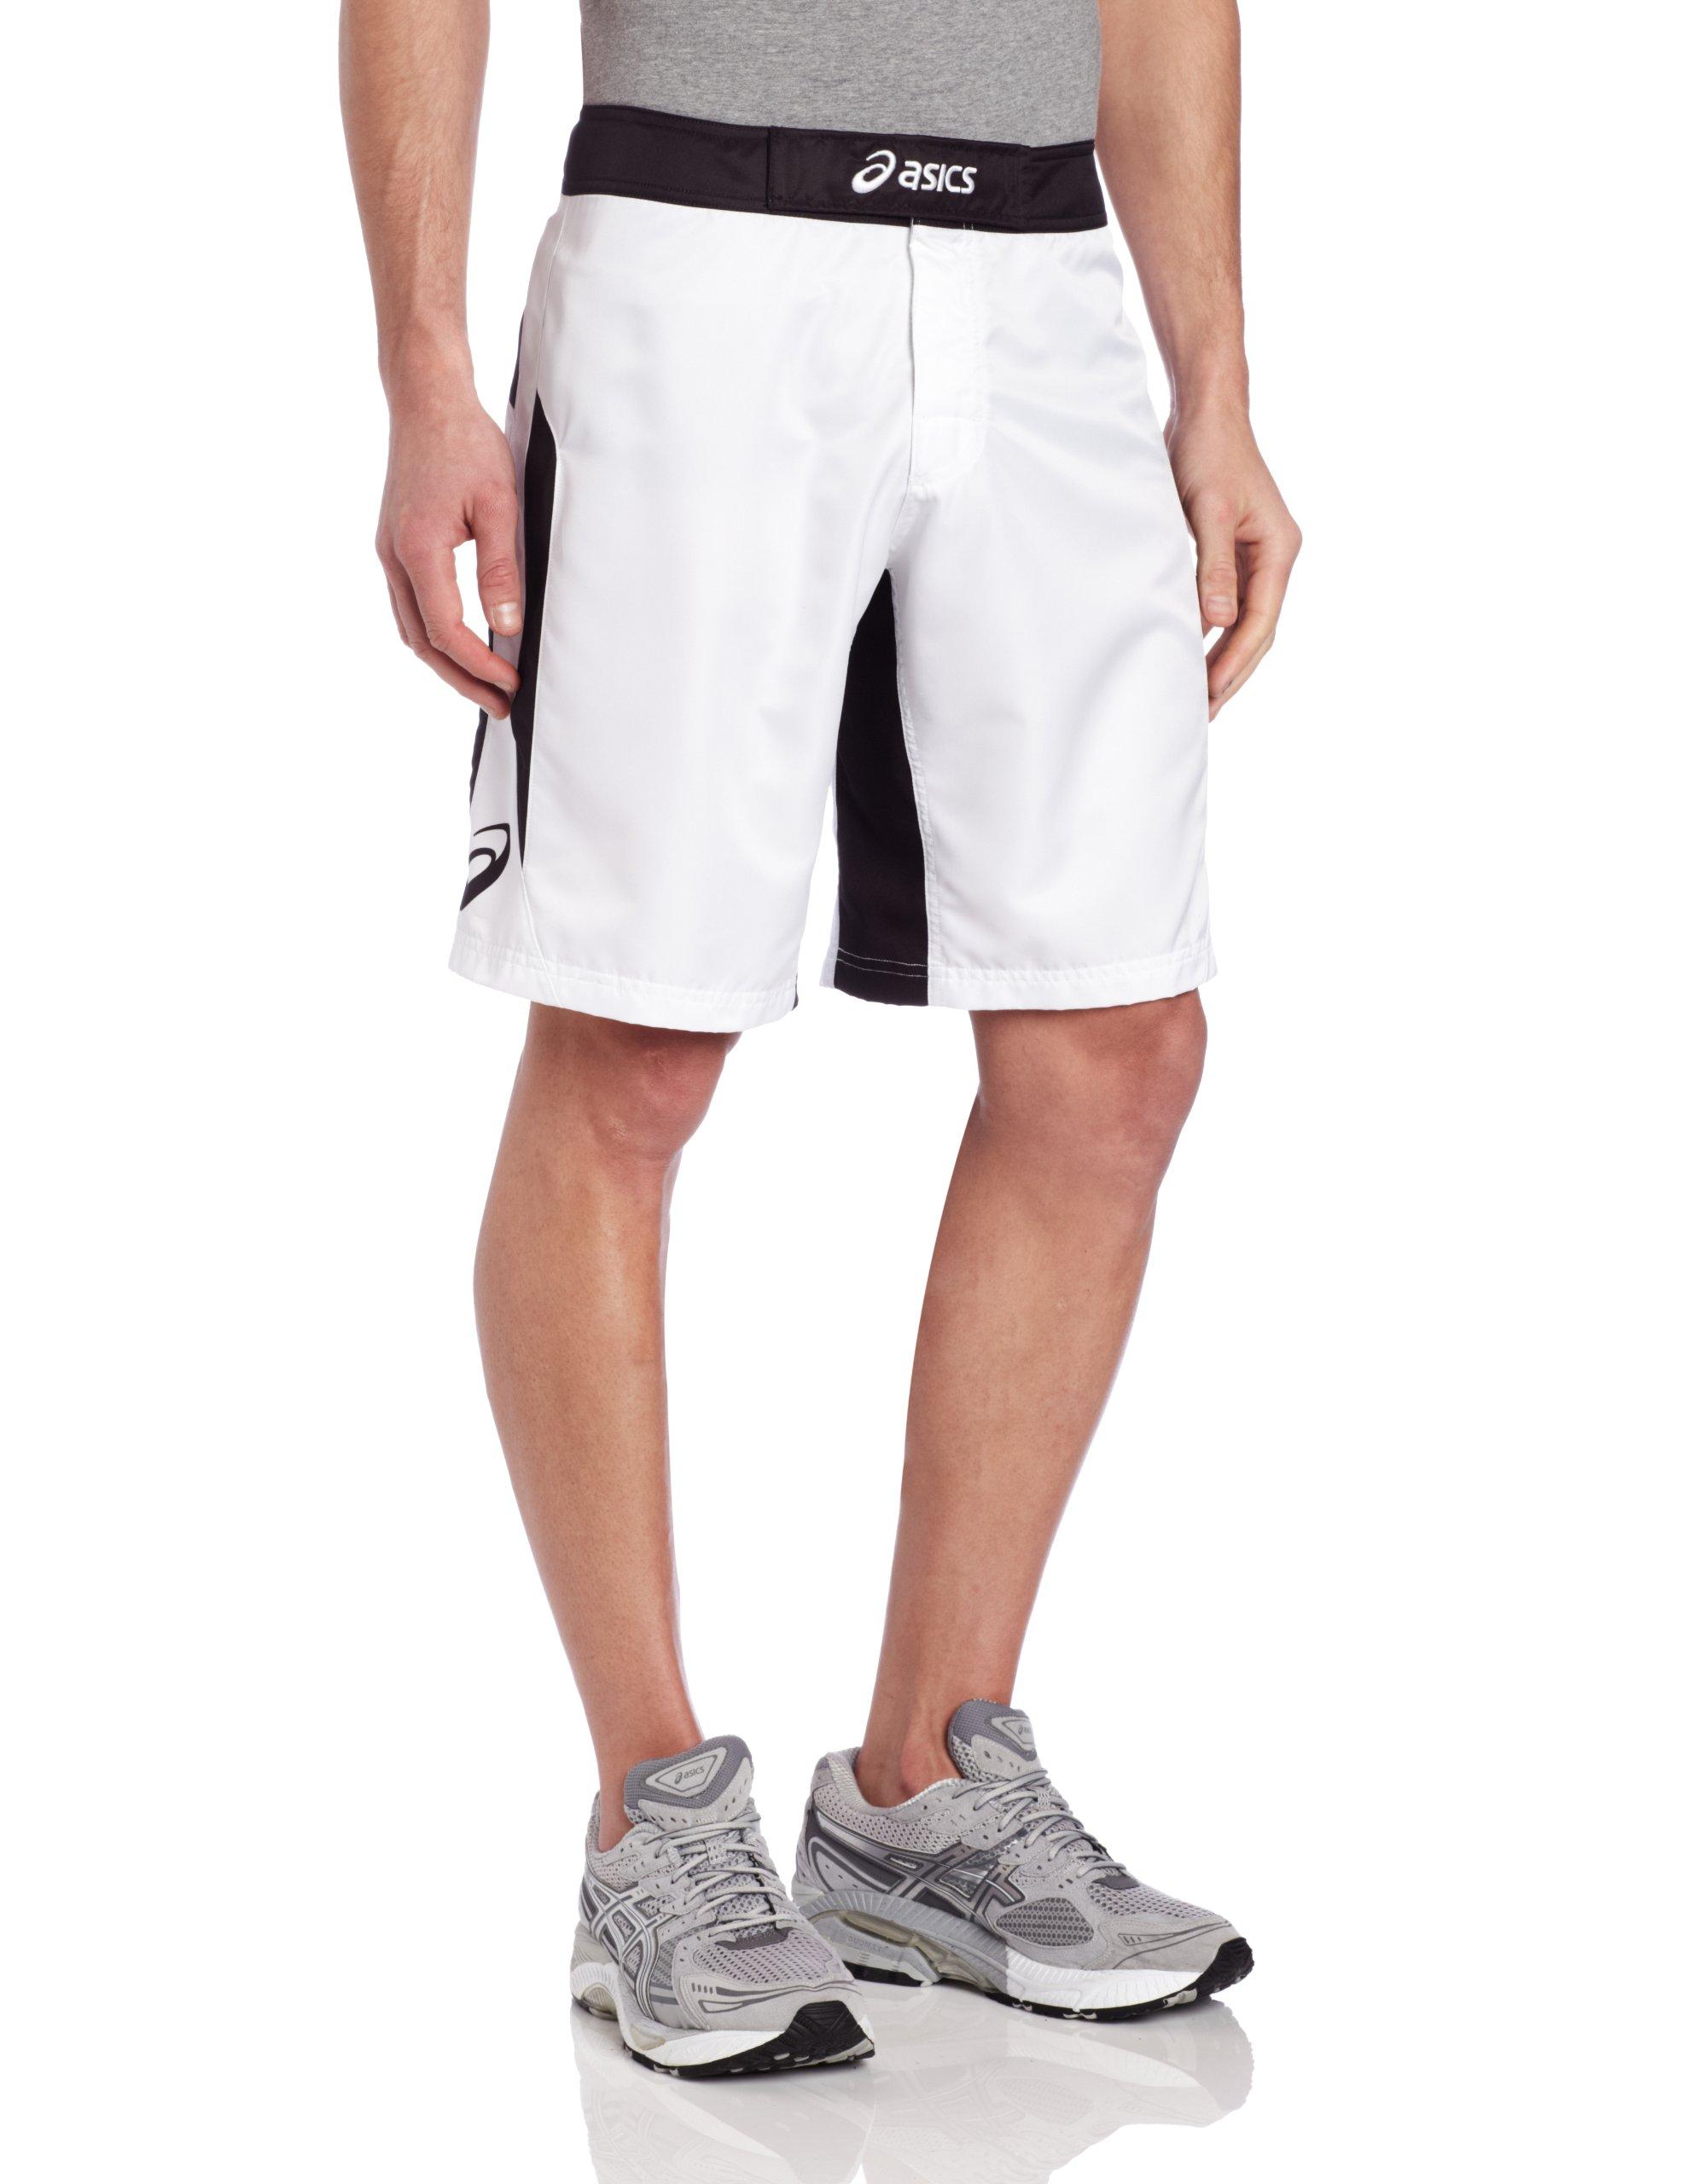 Asics Men's Razor Short, White/Black, 32